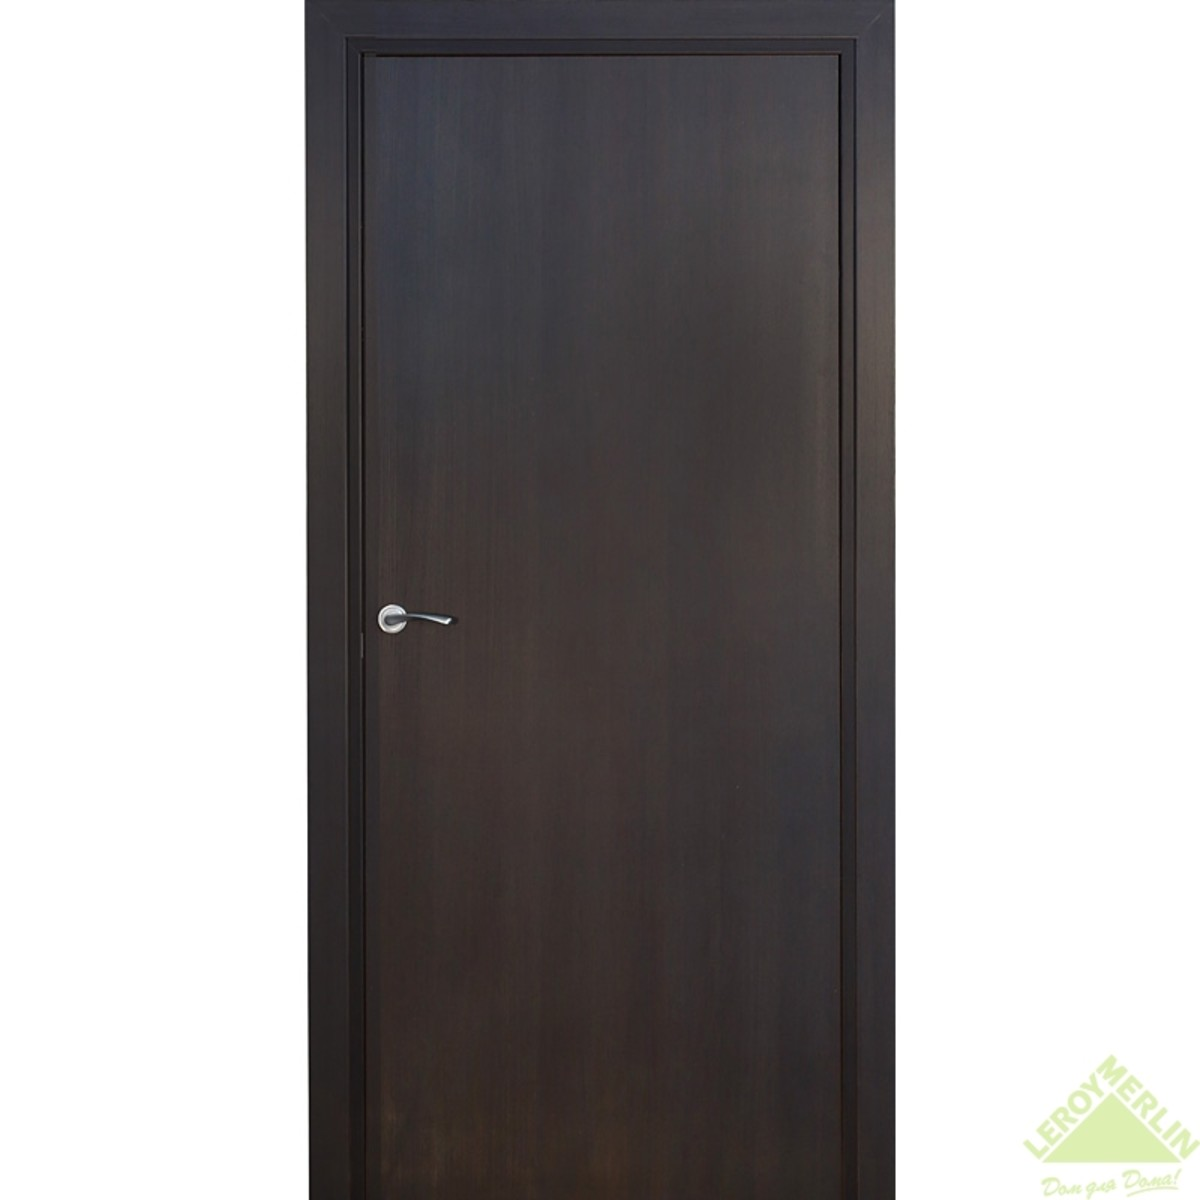 Дверь Межкомнатная Глухая Фортунато Модерн 90x200 Ламинация Цвет Венге